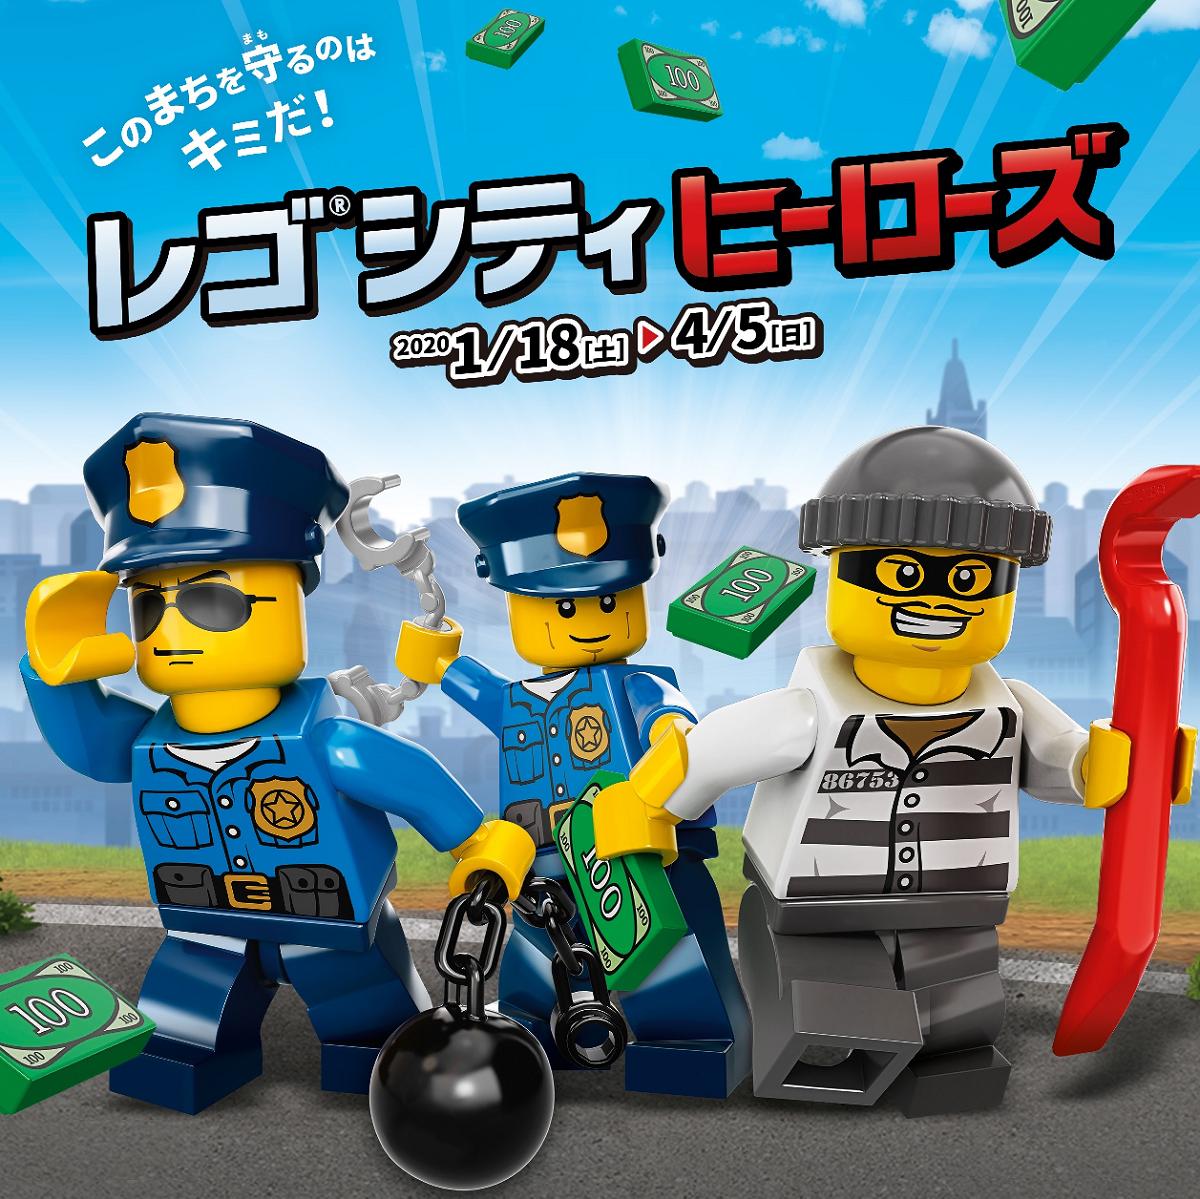 想像力あふれるレゴの世界で街を守るヒーロー体験!「レゴ®シティヒーローズ」開催